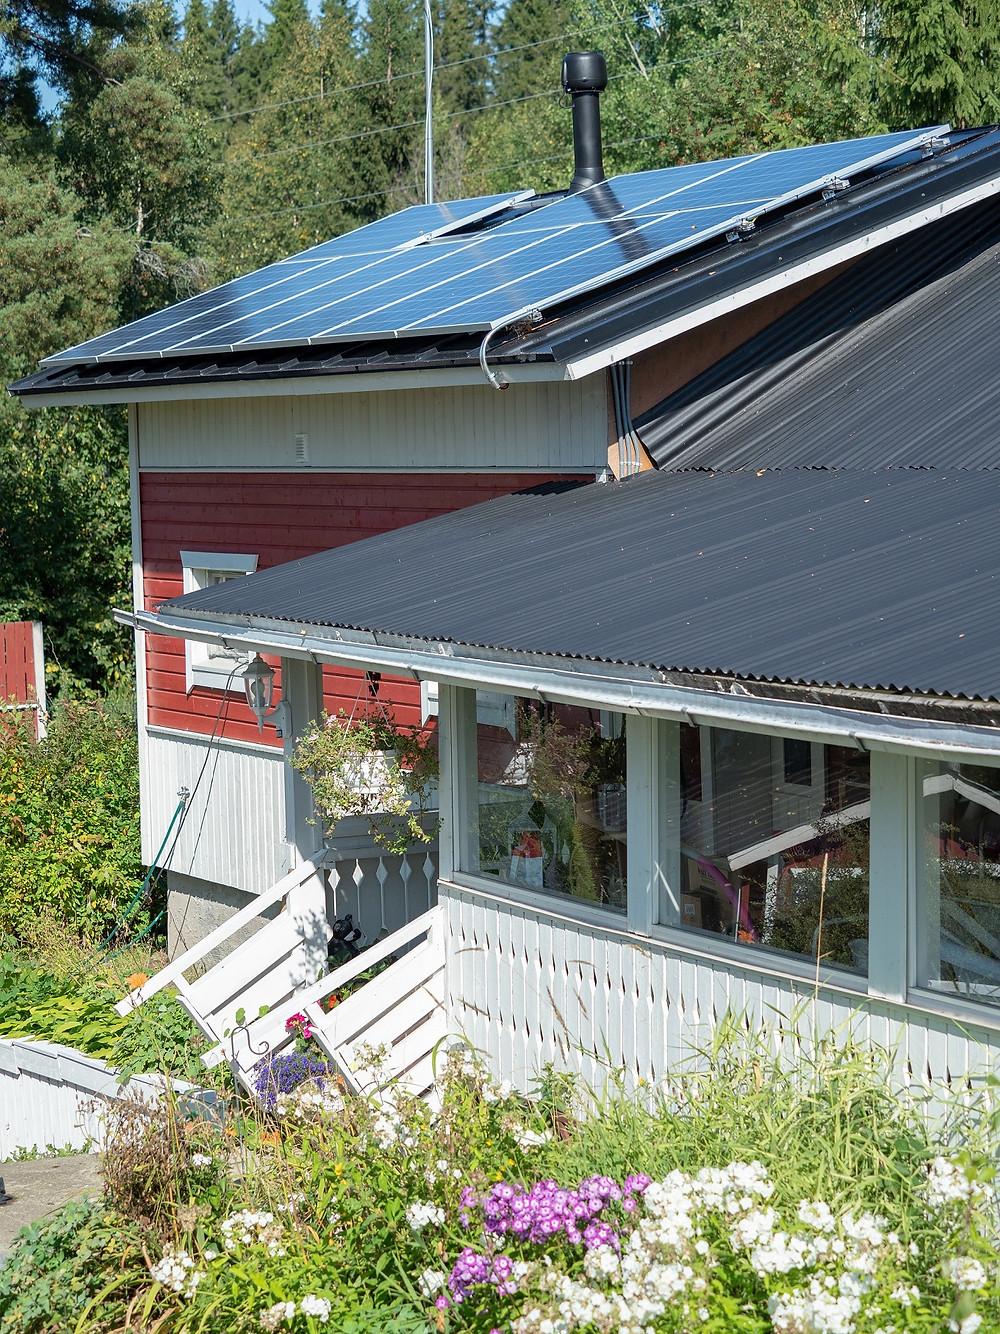 Aurinkopaneelit ovat toimineet vuoden - paljonko niillä voi säästää rahaa?